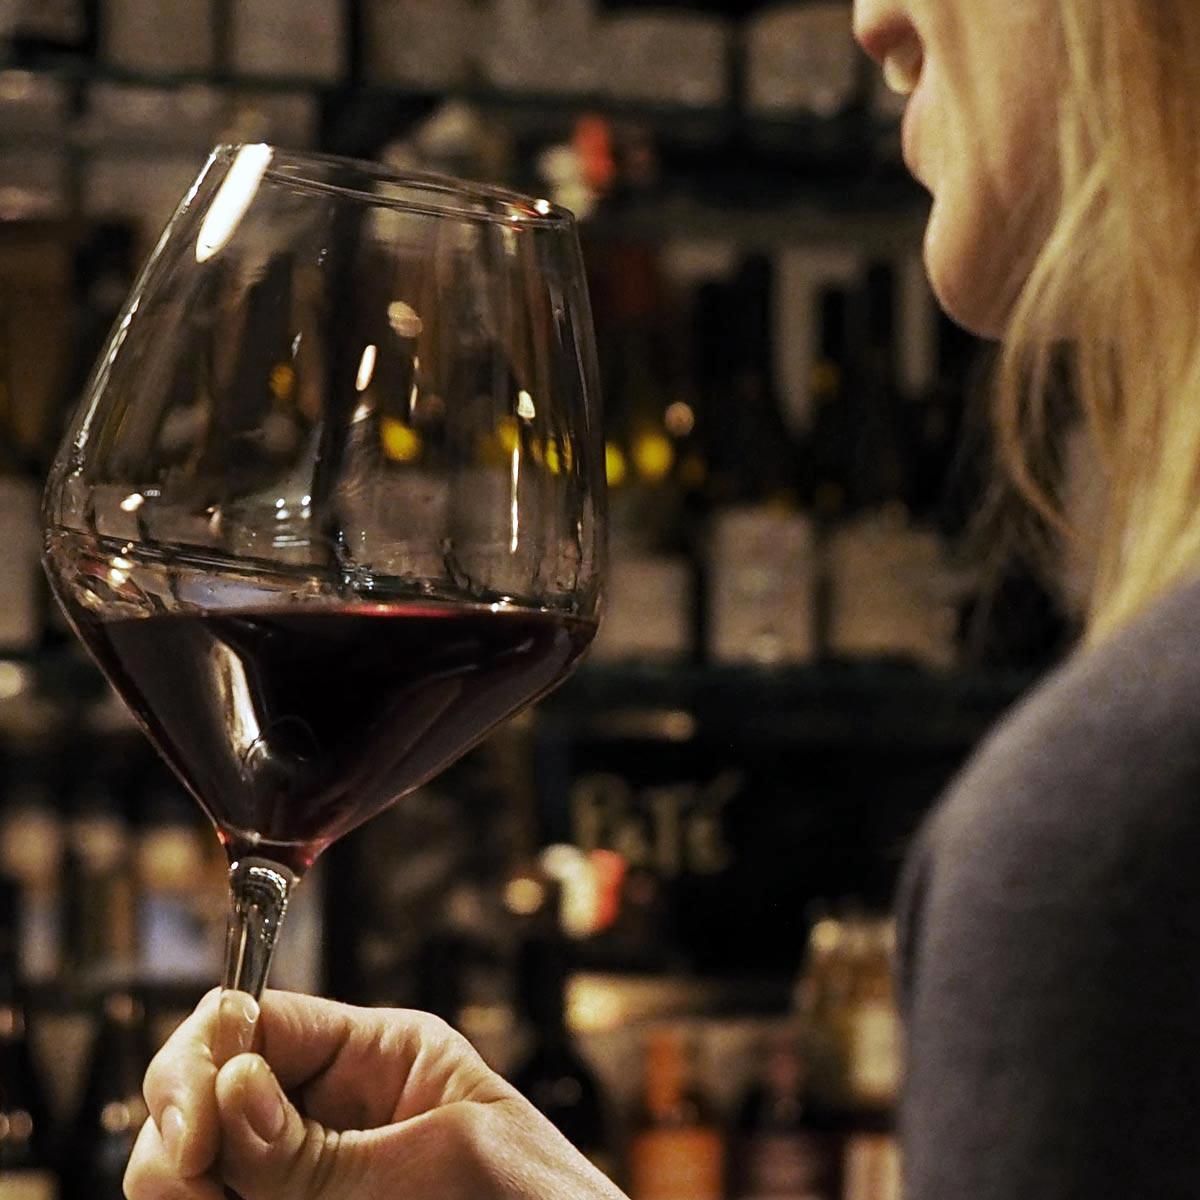 Enoteca al Risanamento vini rossi